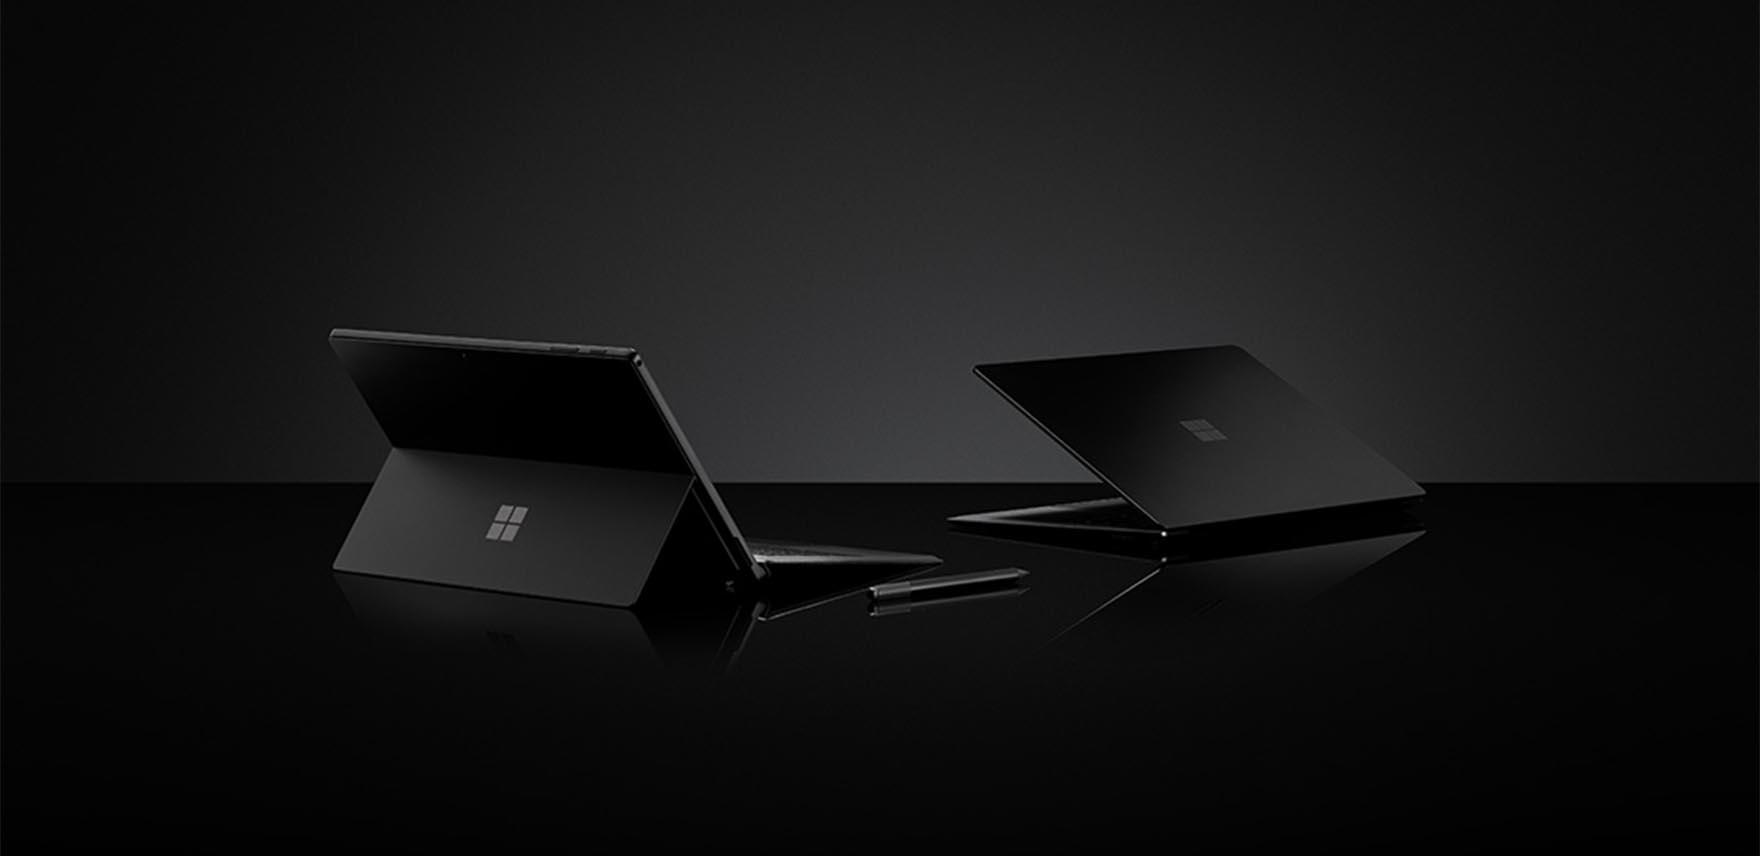 مشخصات سرفیس پرو 7 روز 10 مهر 98 از طرف مایکروسافت مشخص خواهد شد